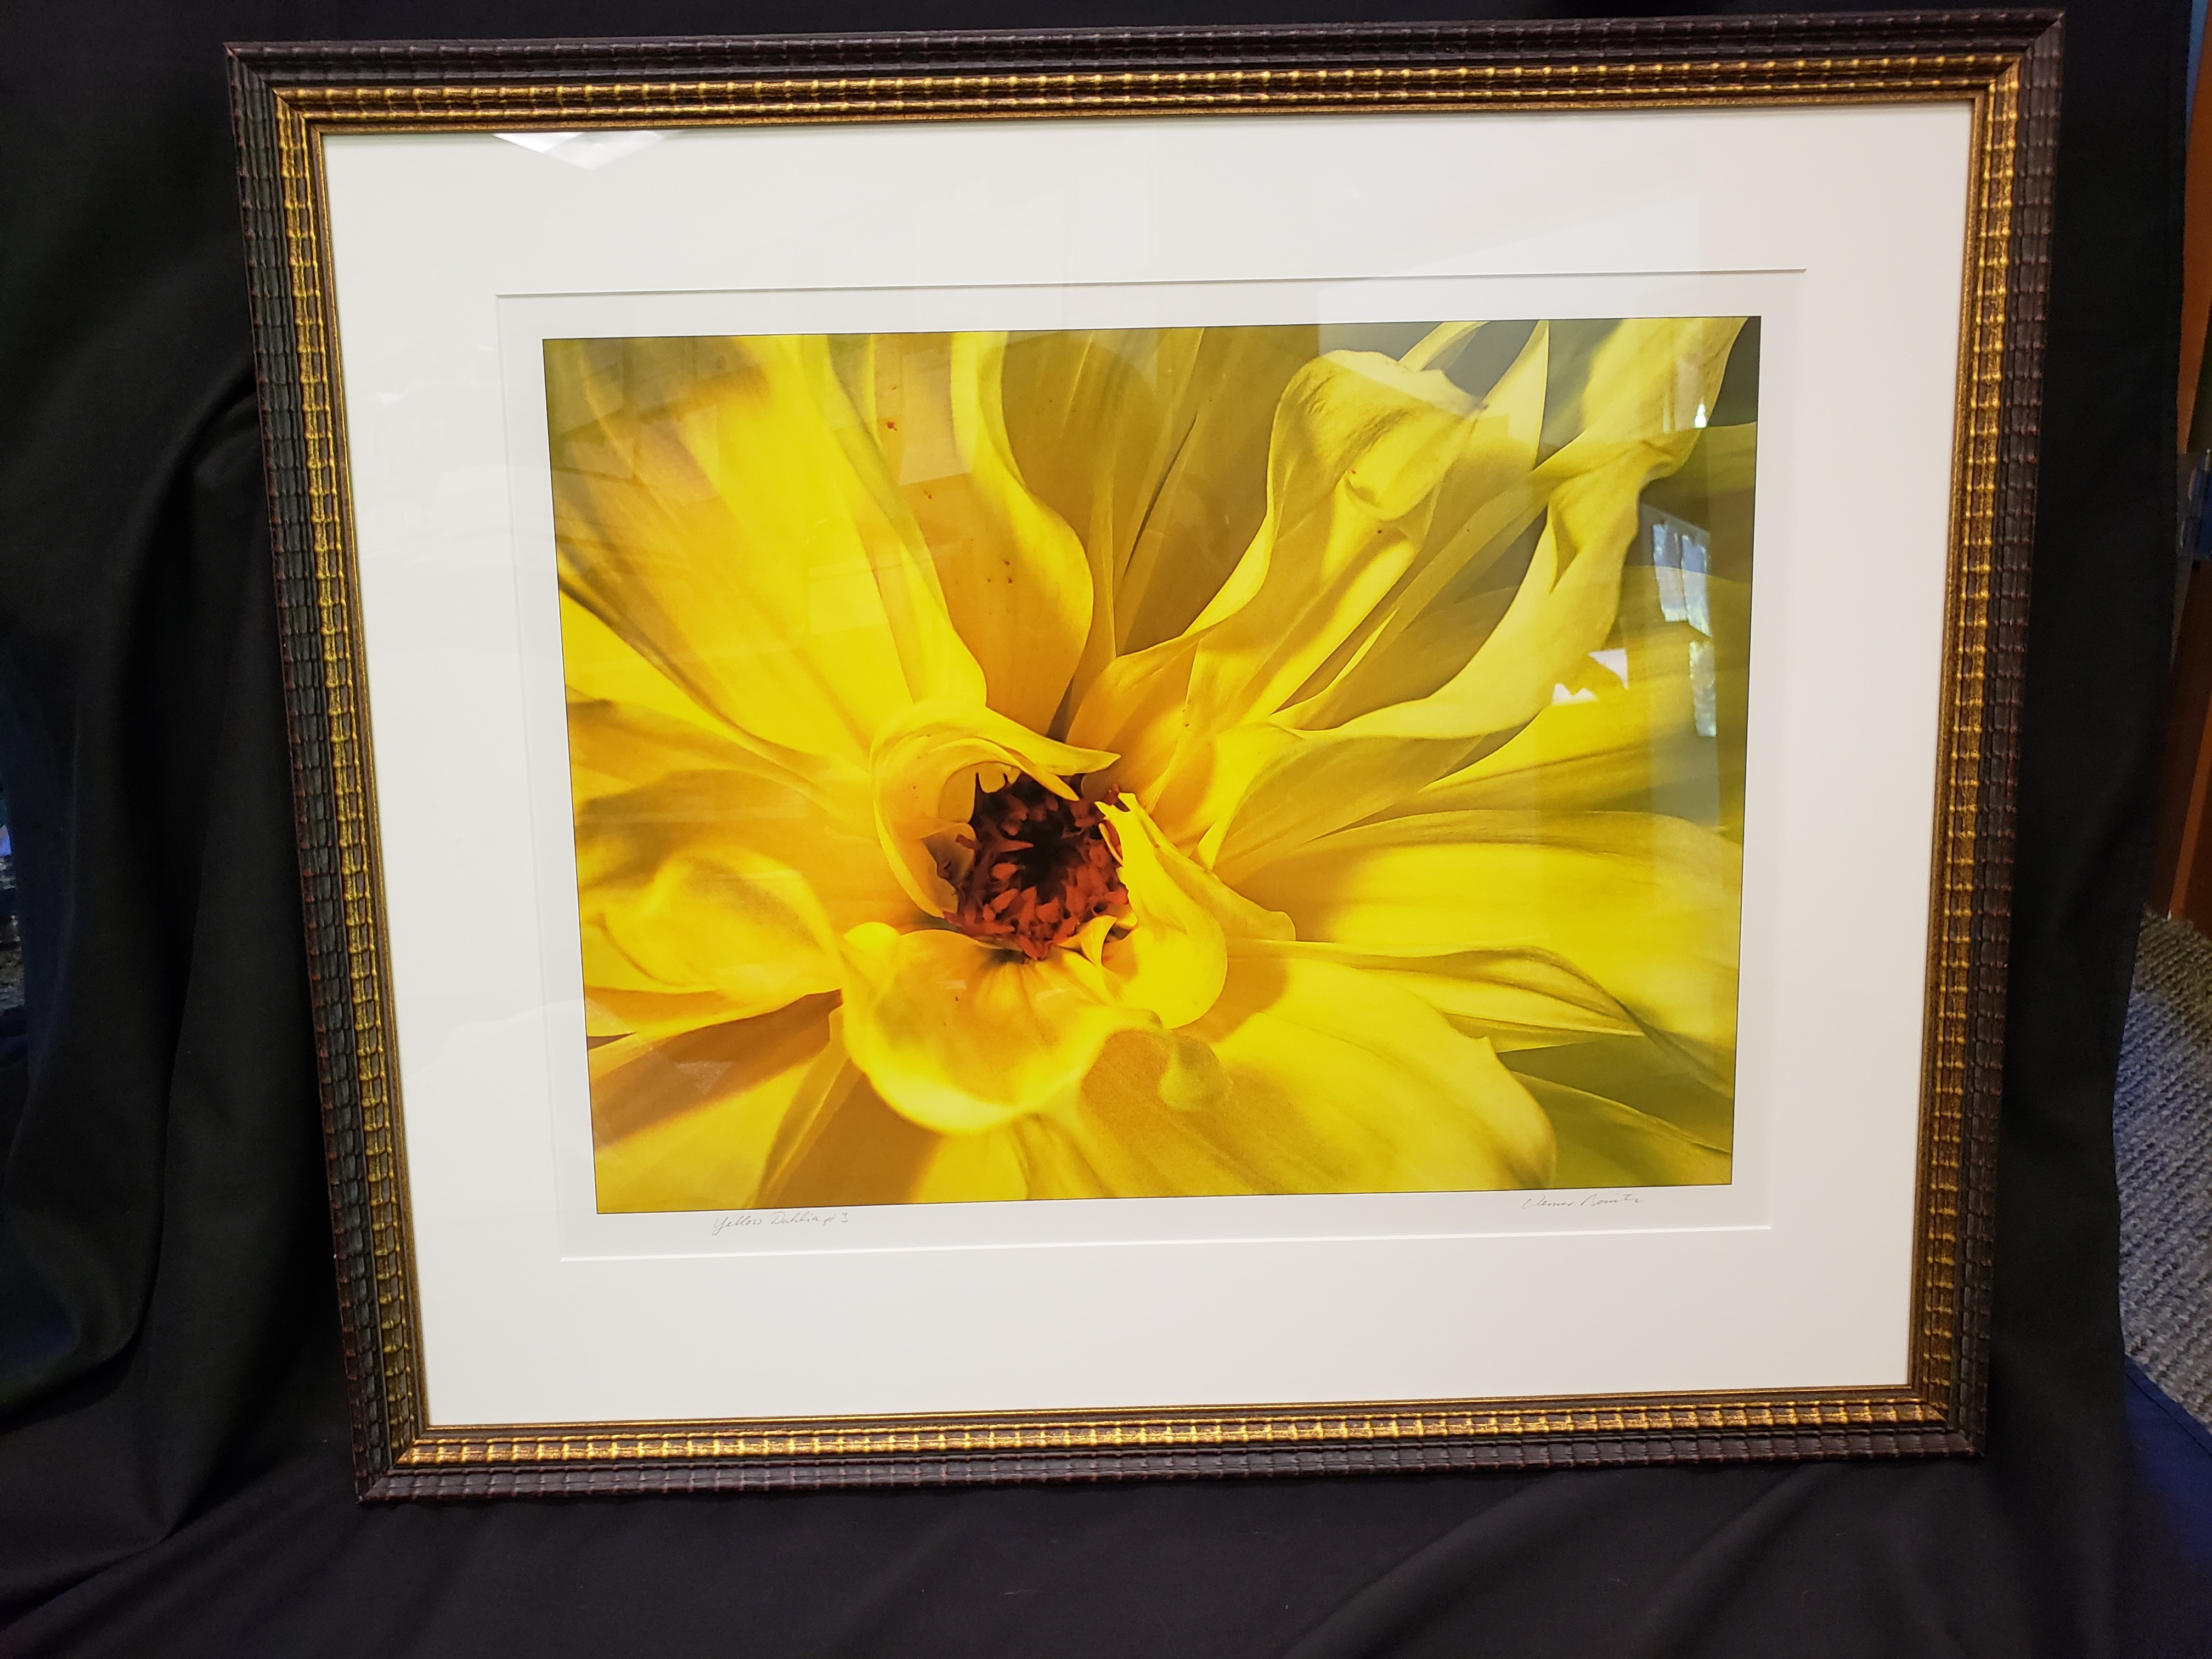 Yellow Dahlia by Werner Bonitz